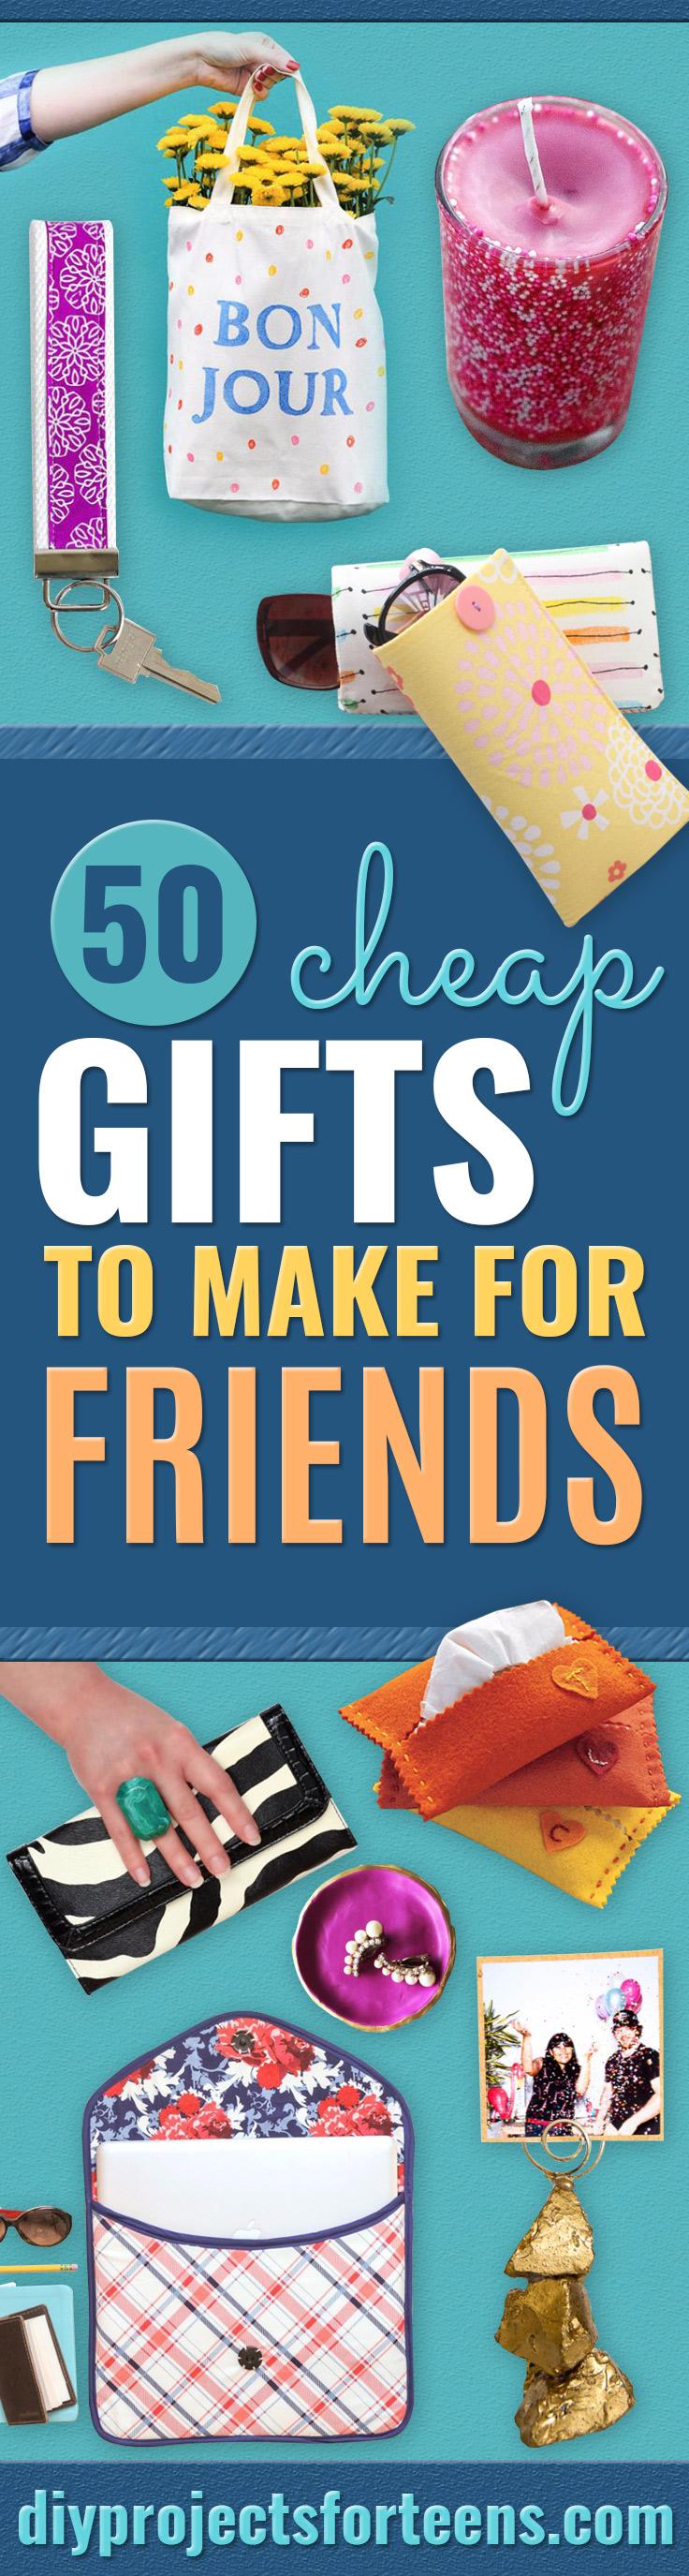 50 günstige Geschenke für Freunde